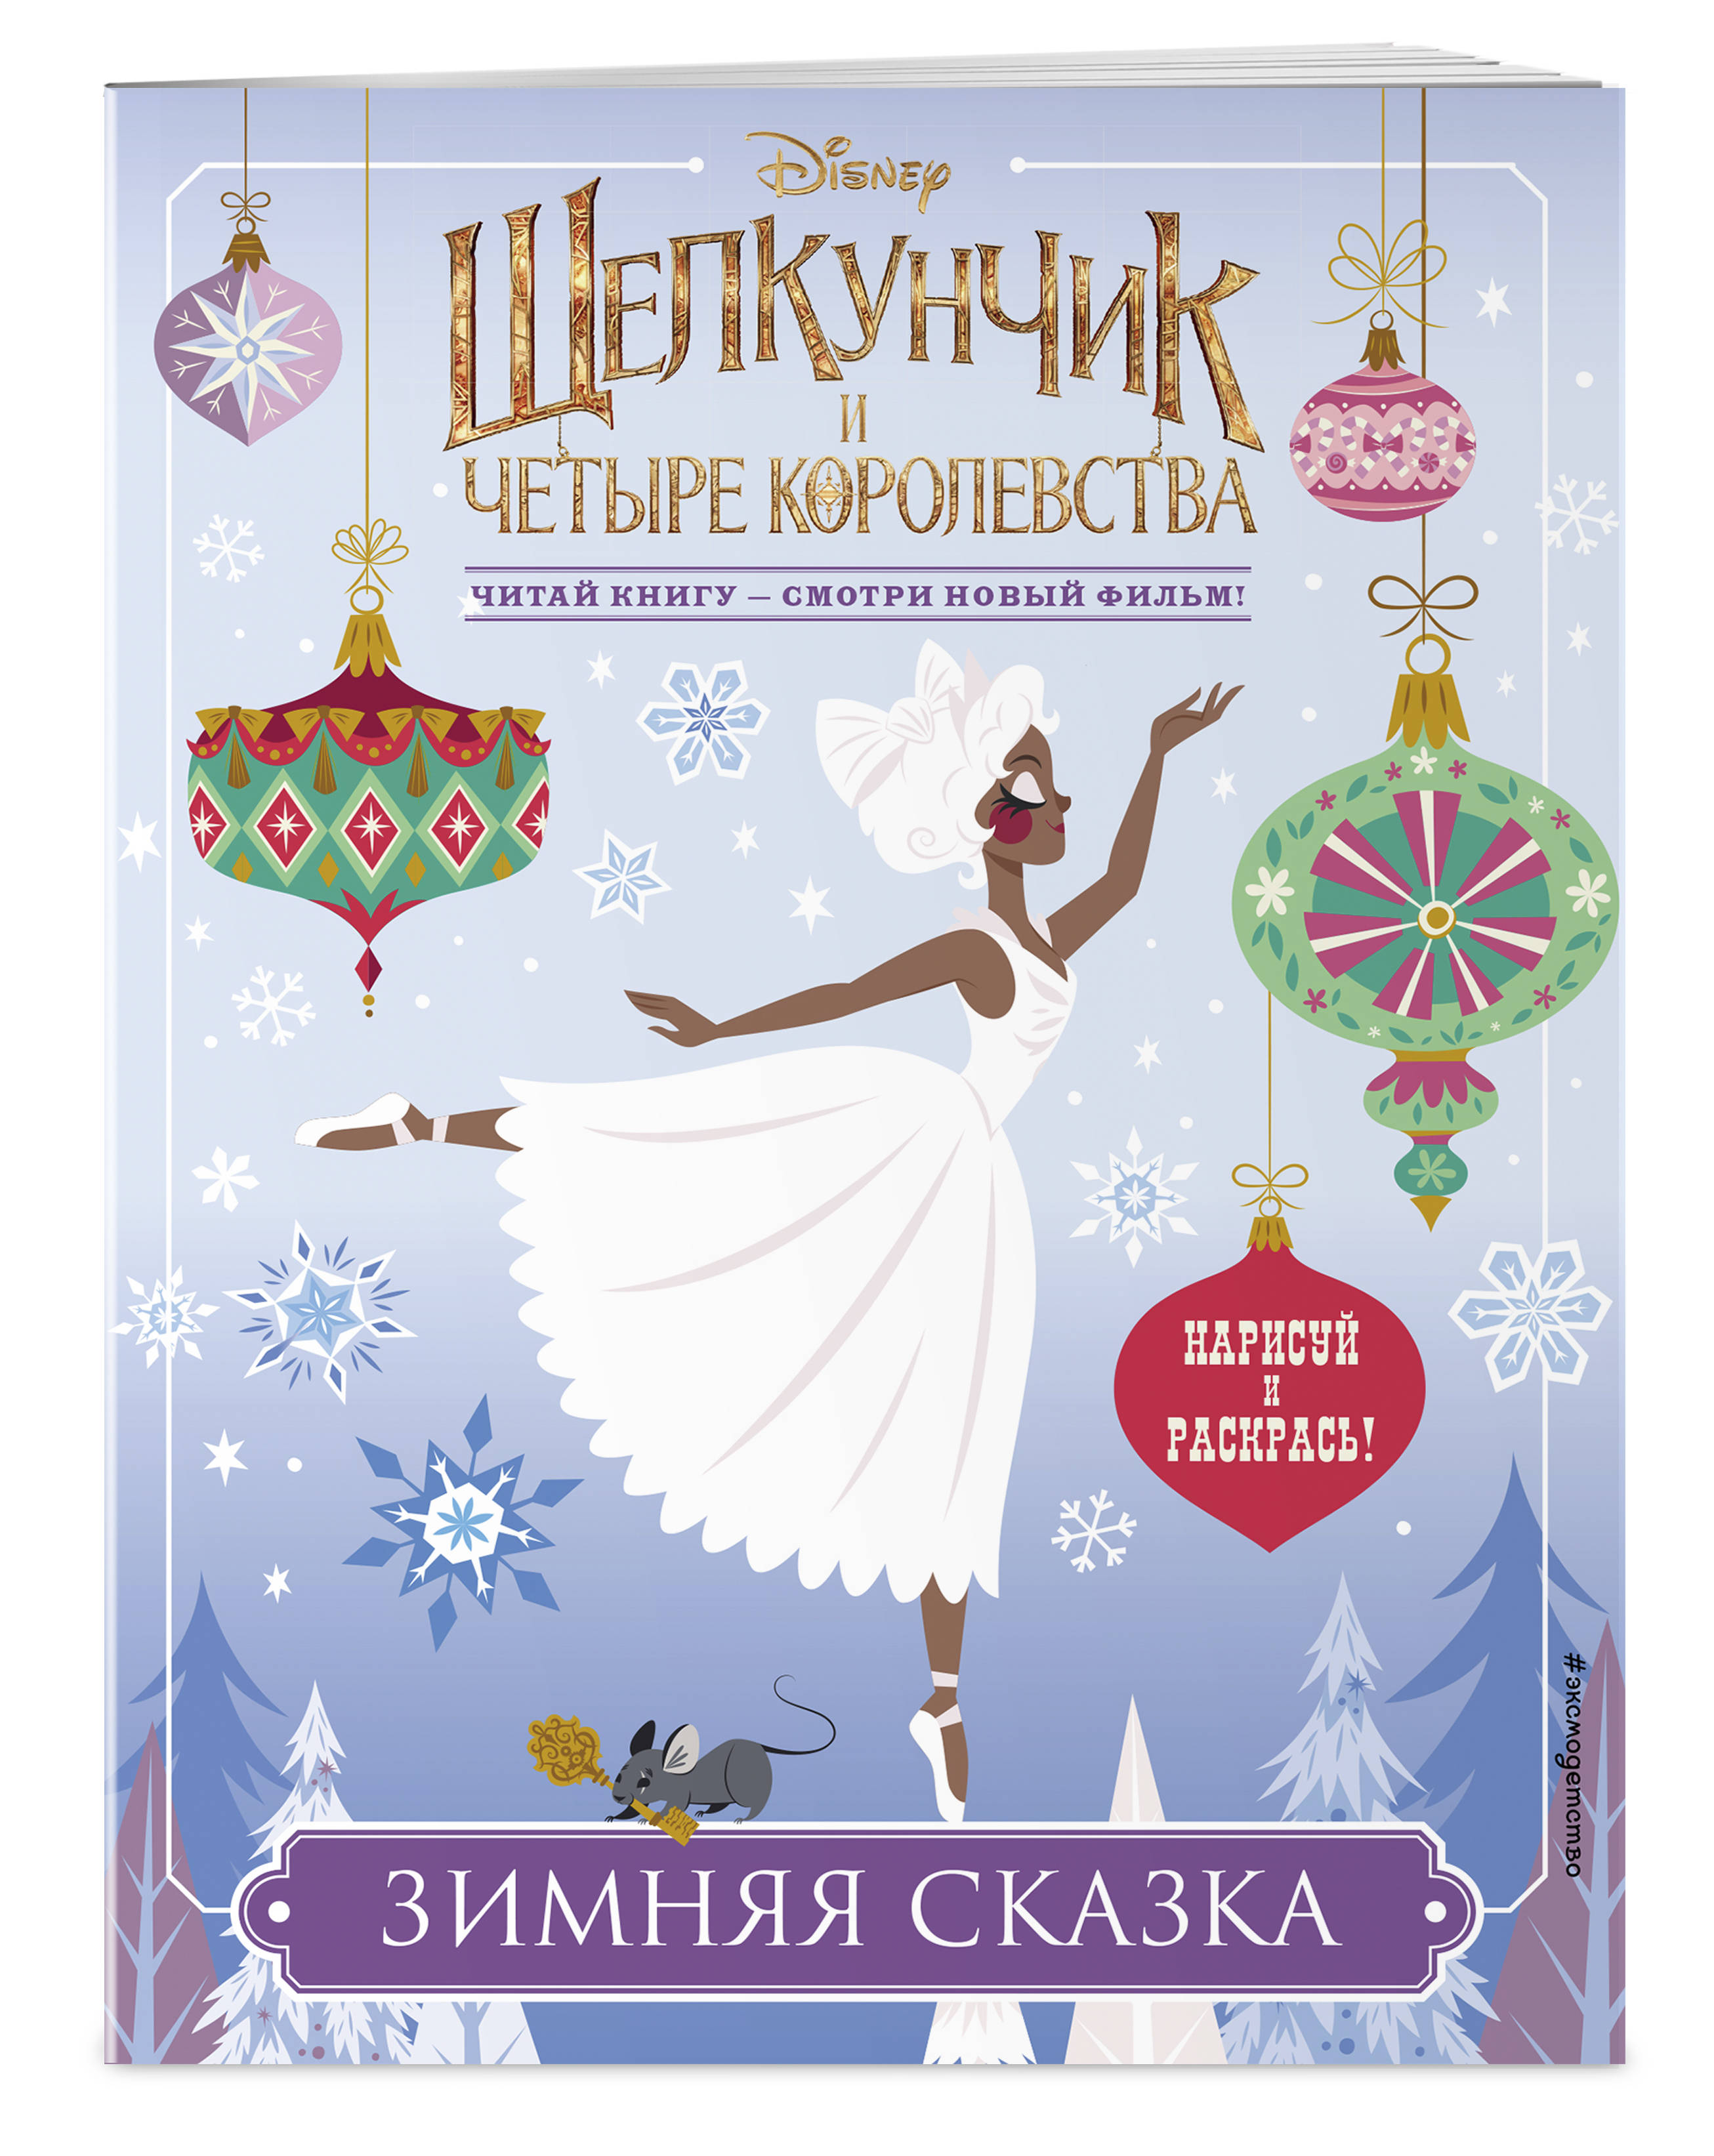 Зимняя сказка черепанова д п щелкунчик и четыре королевства заколдованное царство